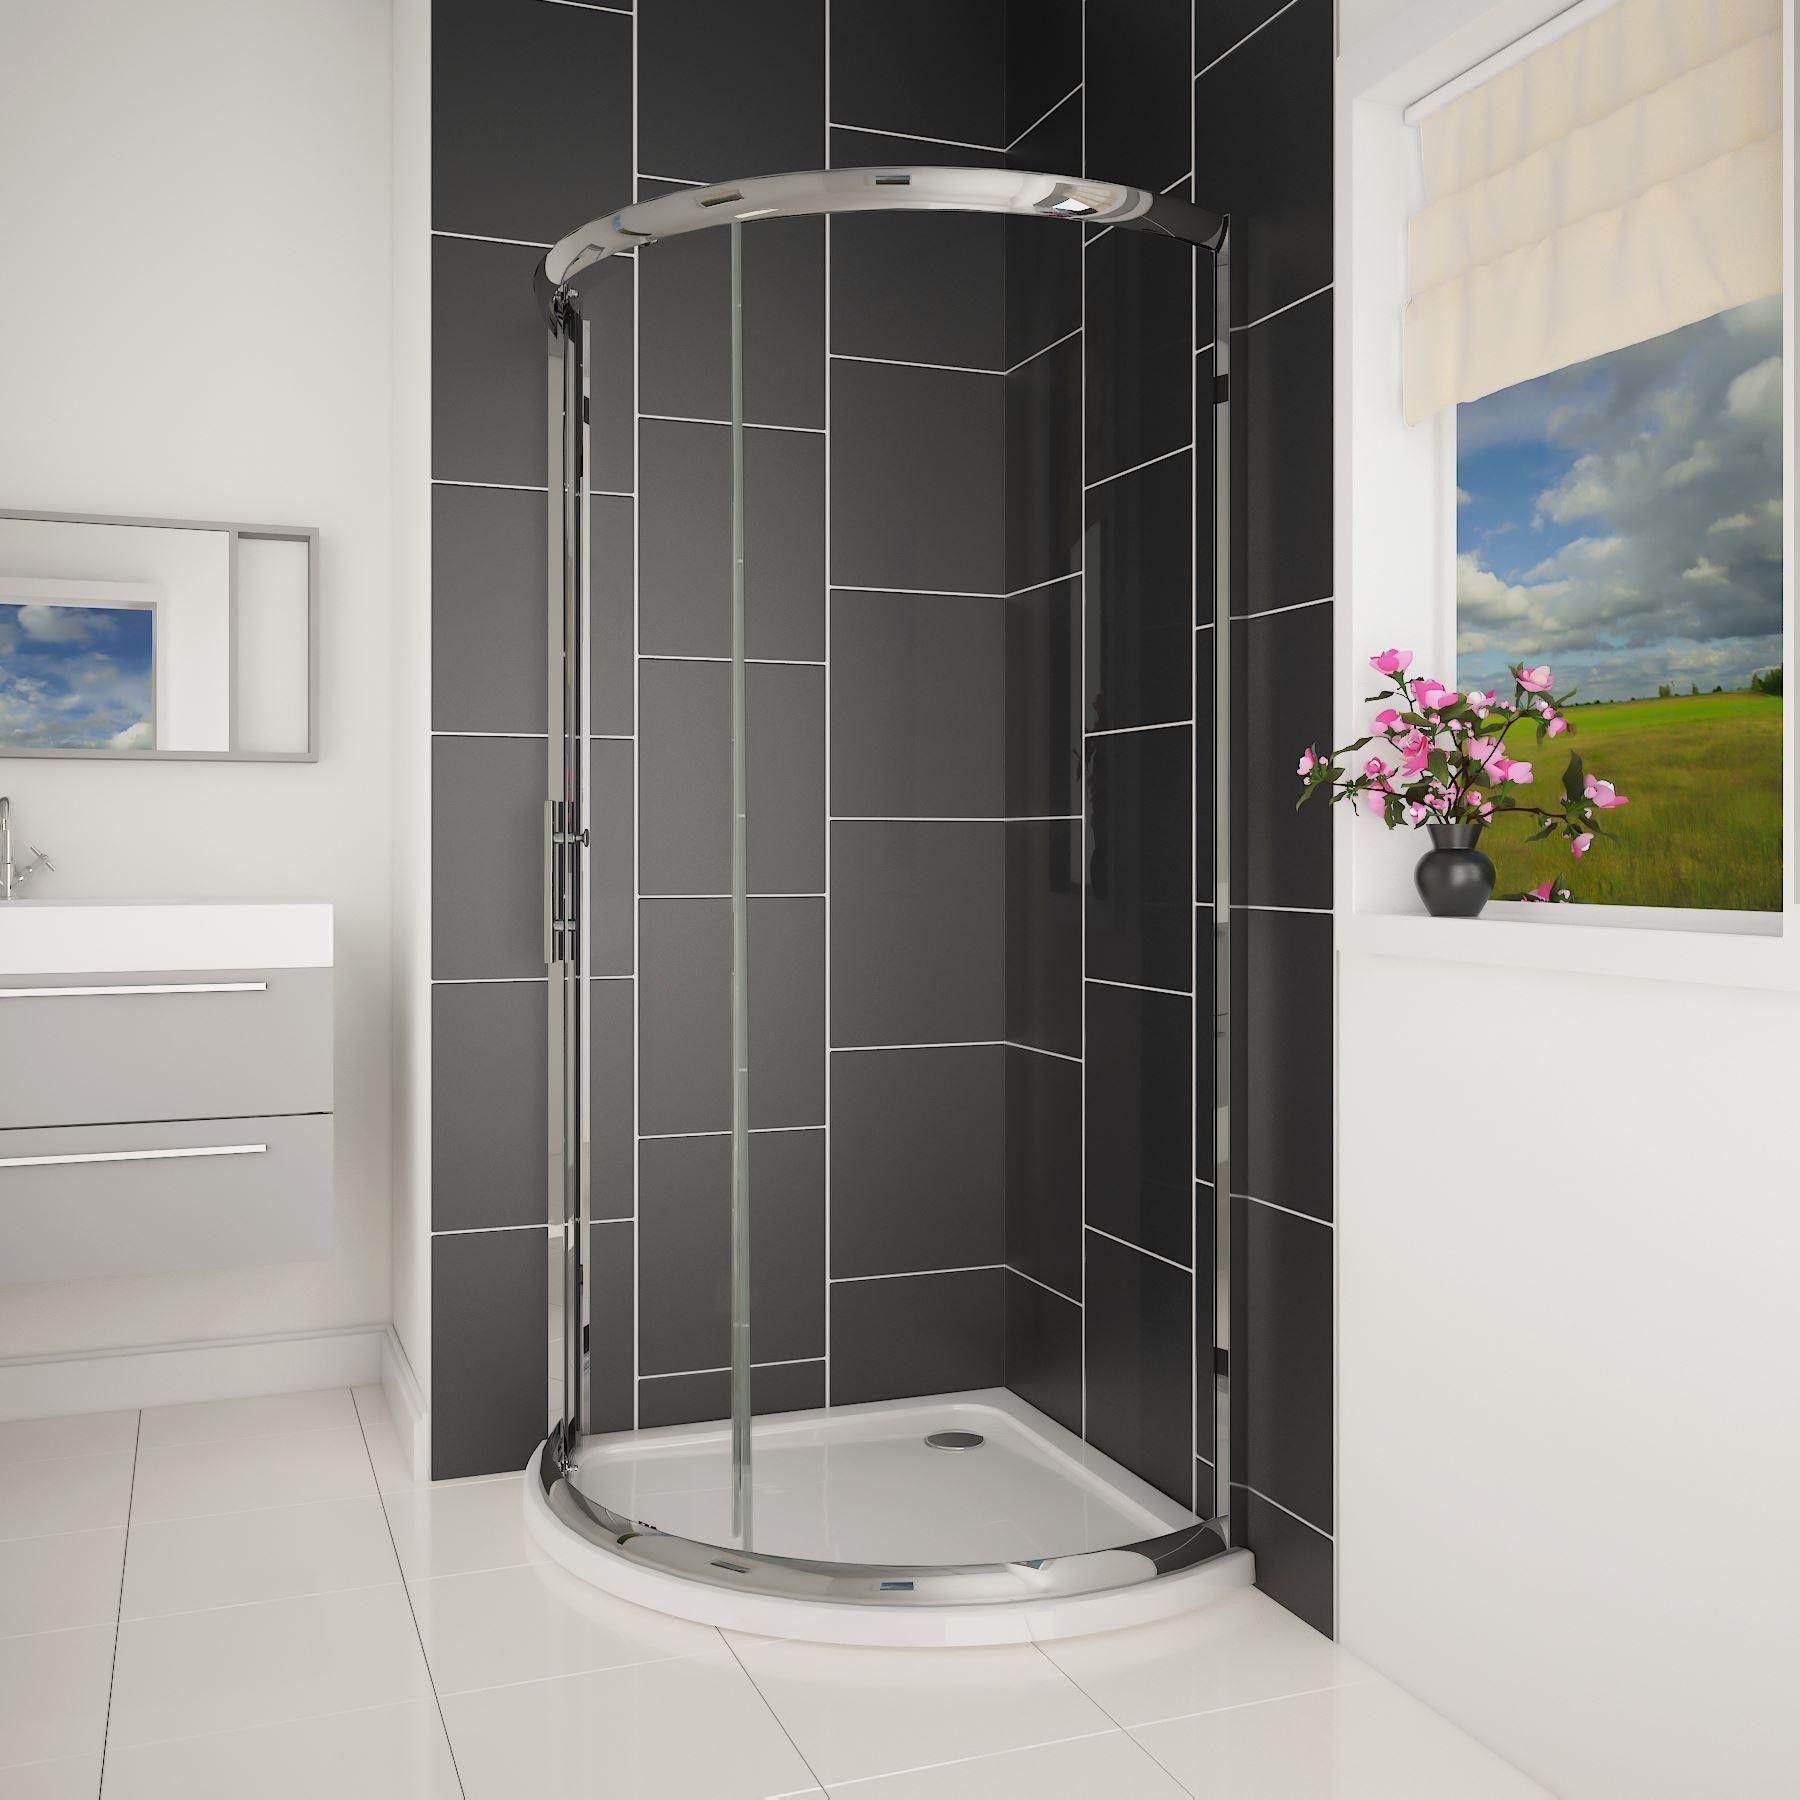 Bow 6mm Single Door Quadrant Enclosure 760 x 760mm | Bathroom ...